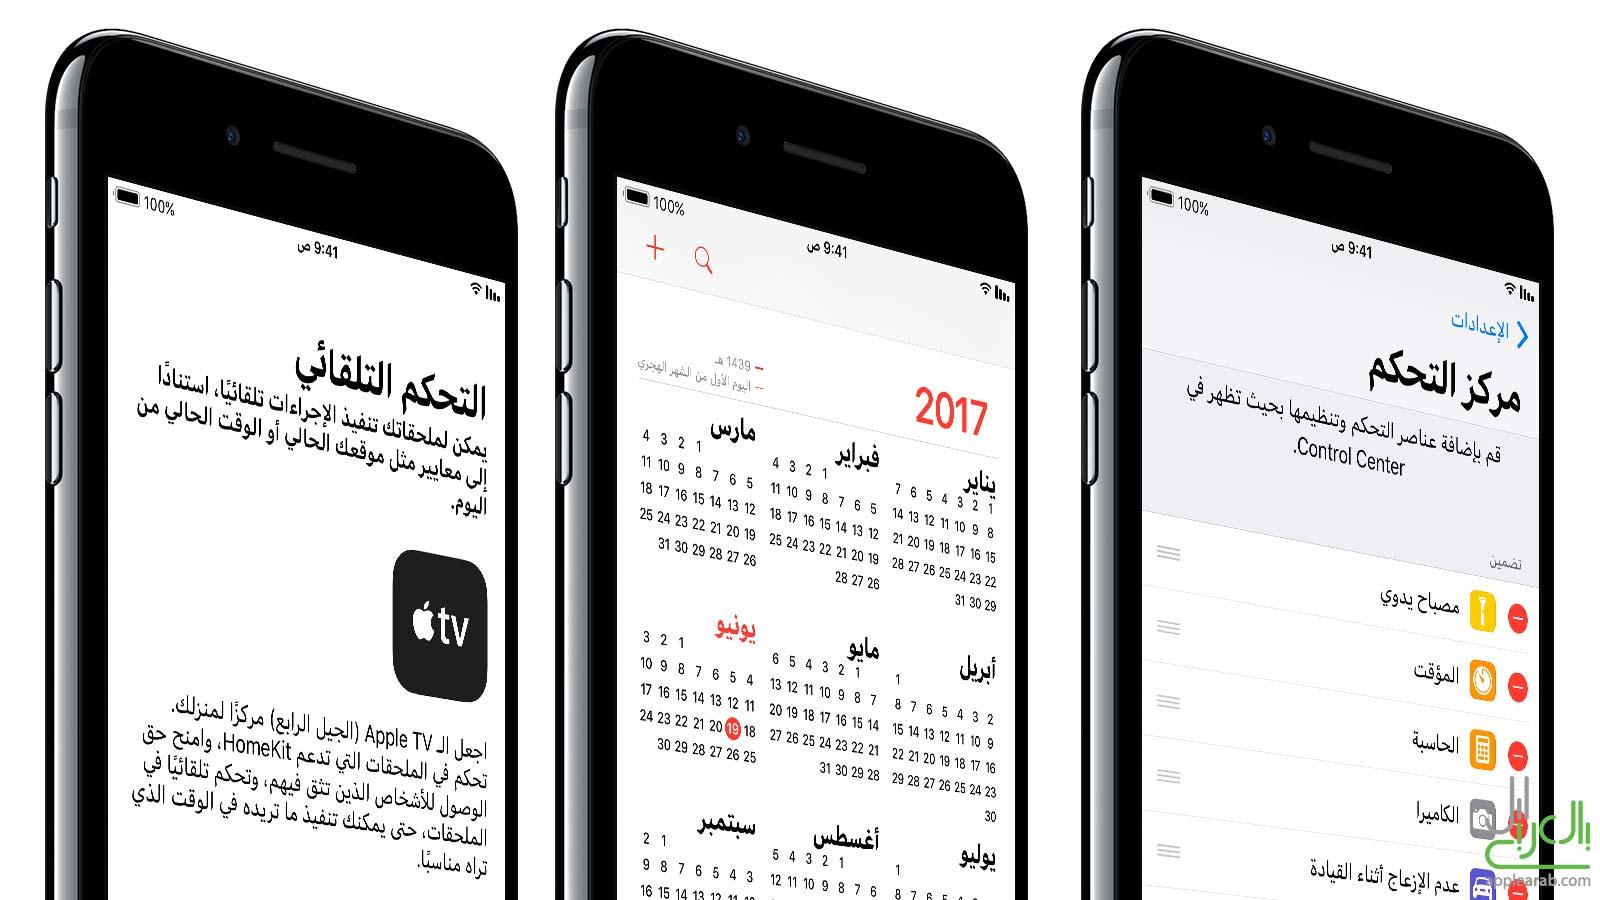 الخط العربي في iOS 11